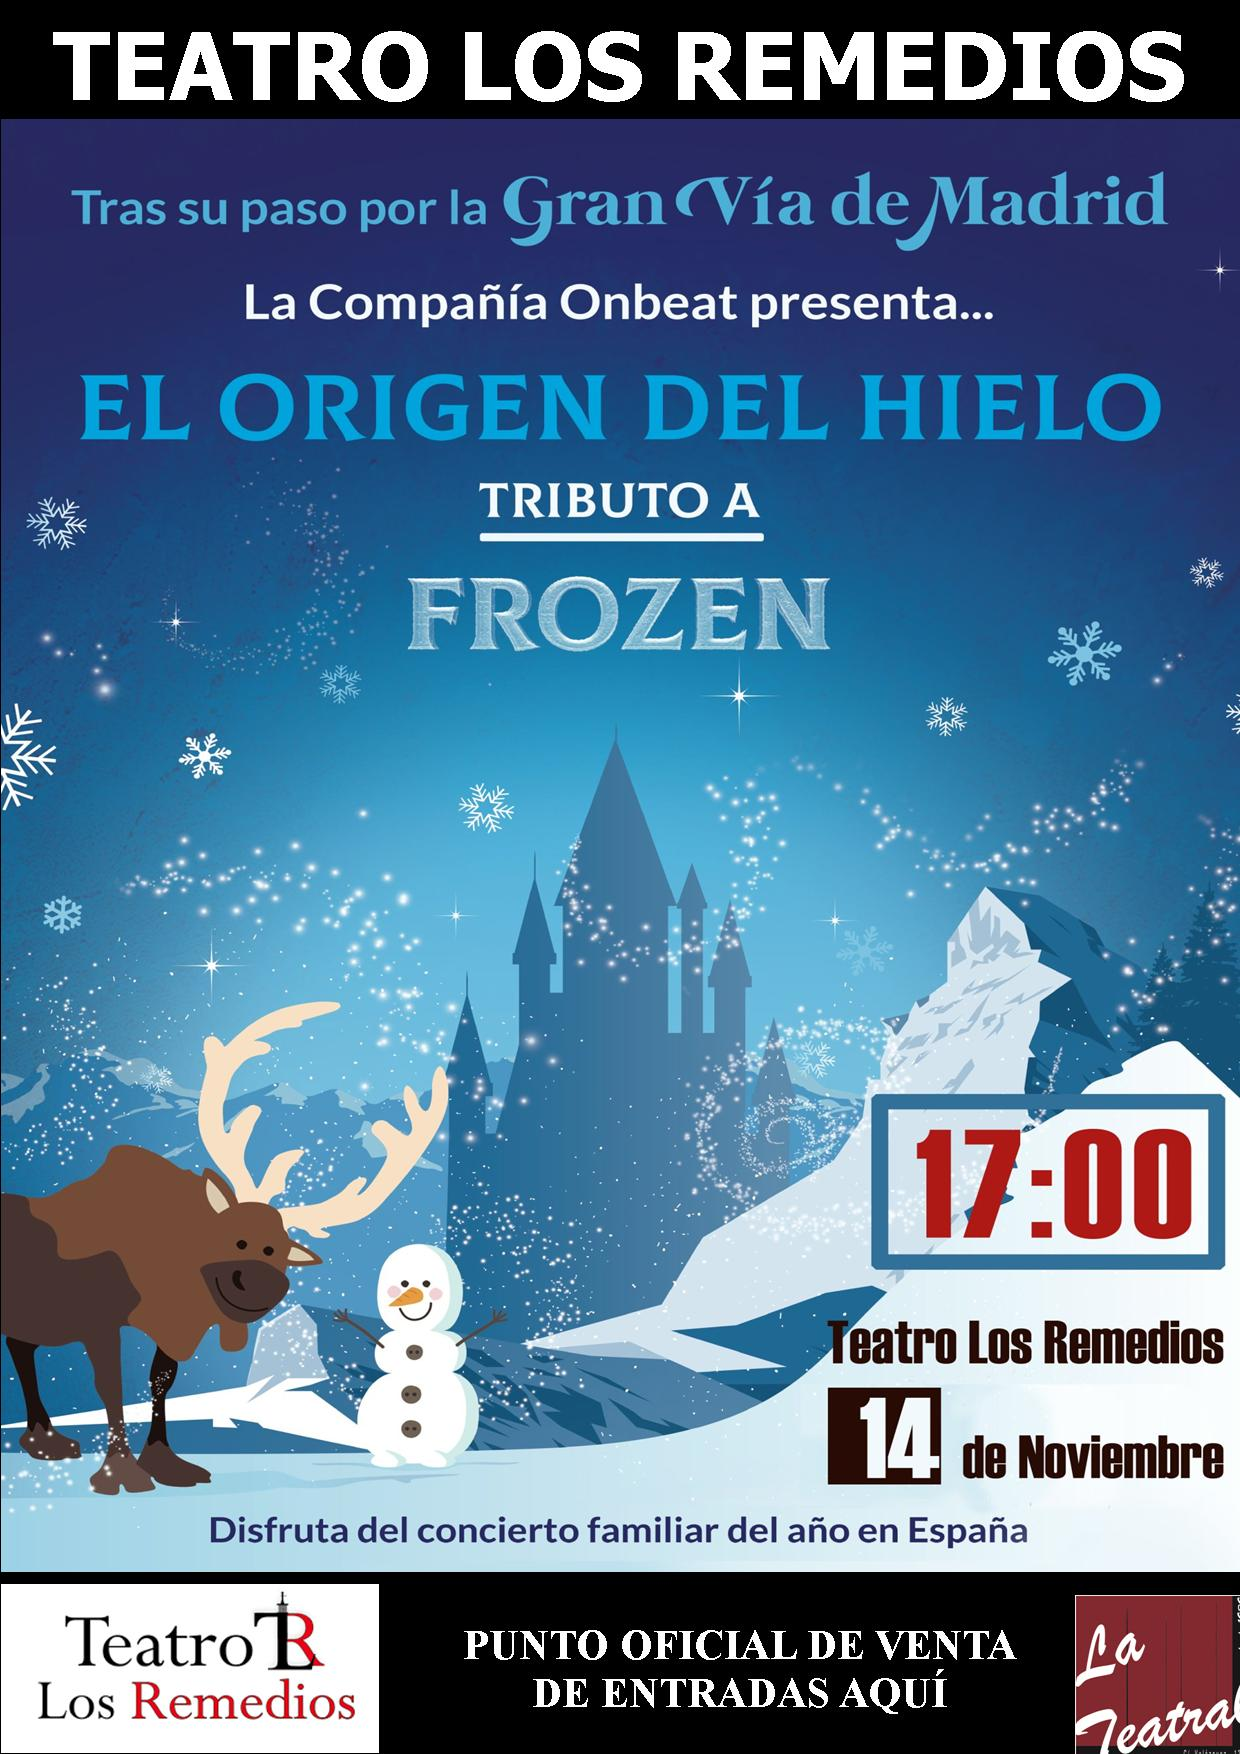 teatro los remedios - Tributo a Frozen